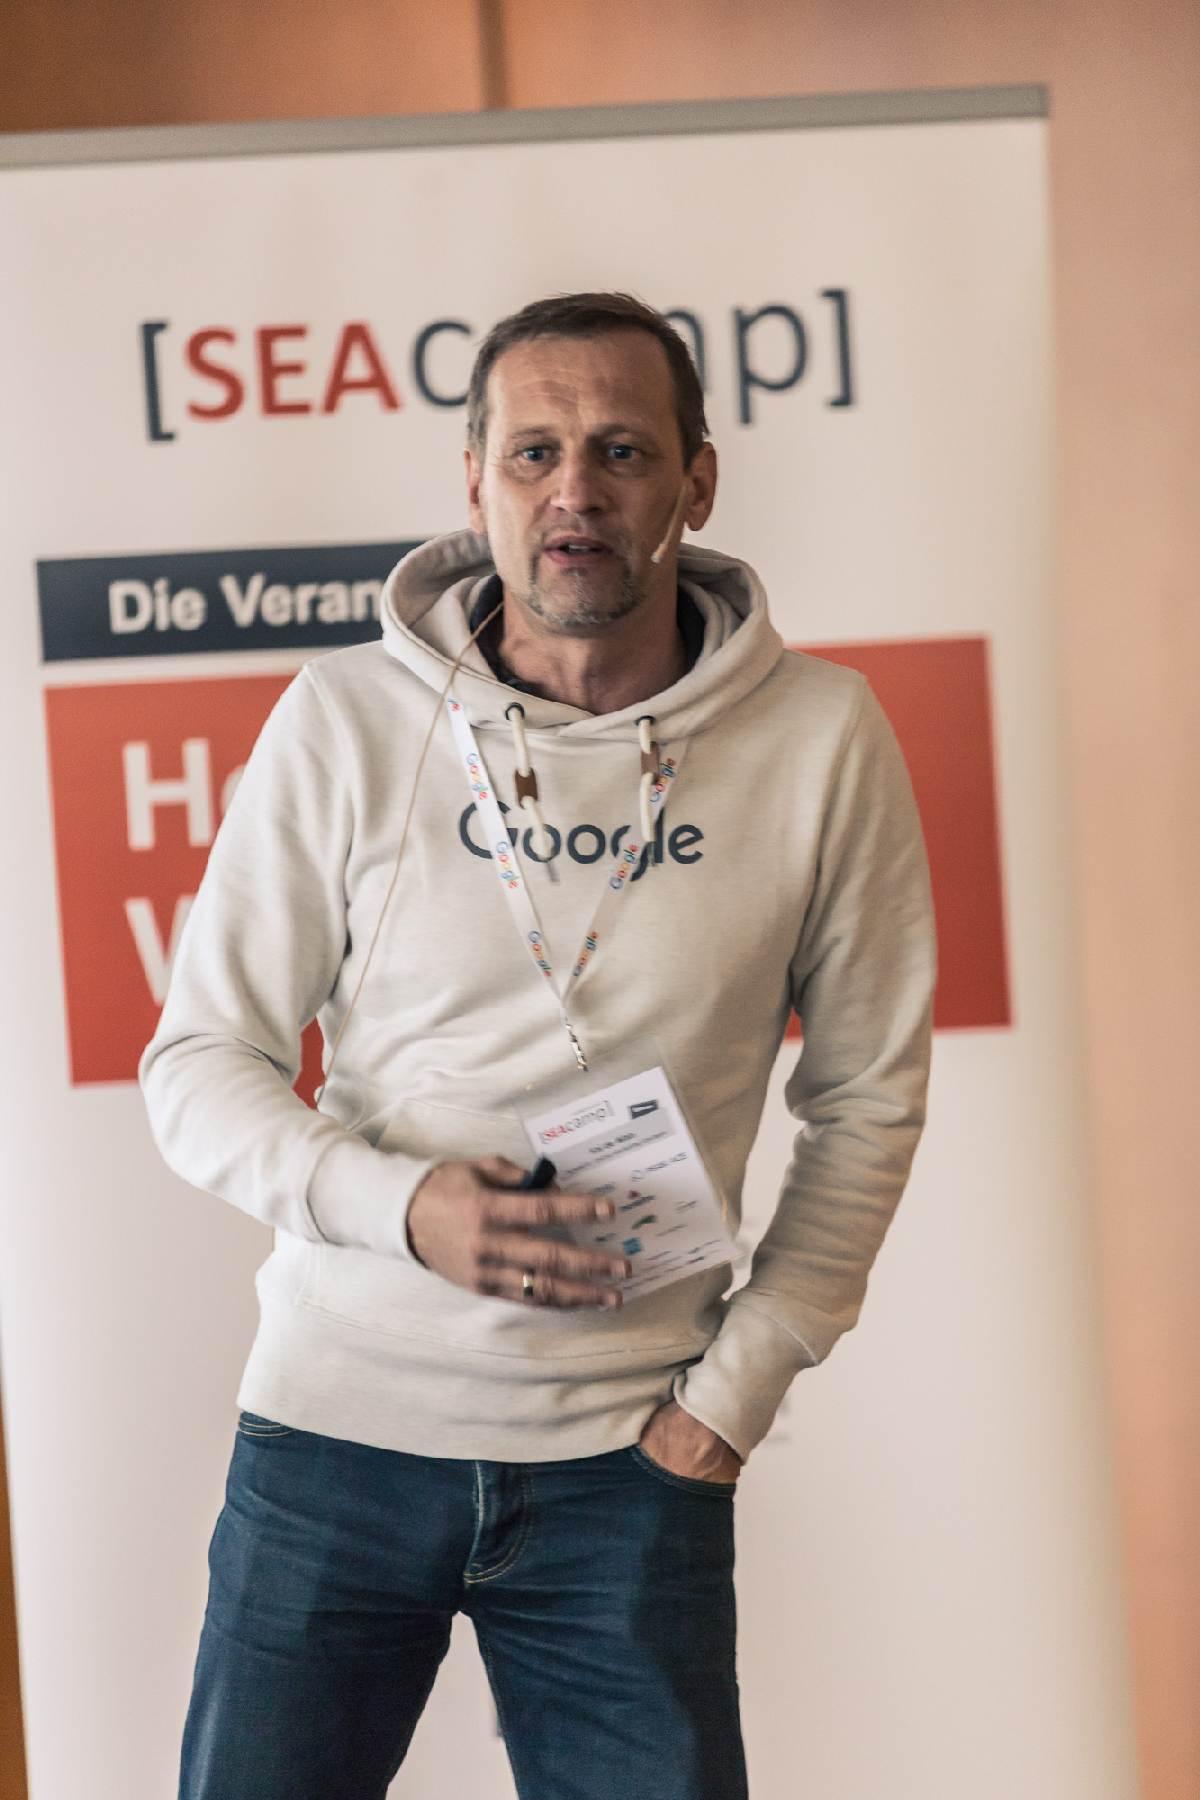 hannover_2017_SEAcamp-744